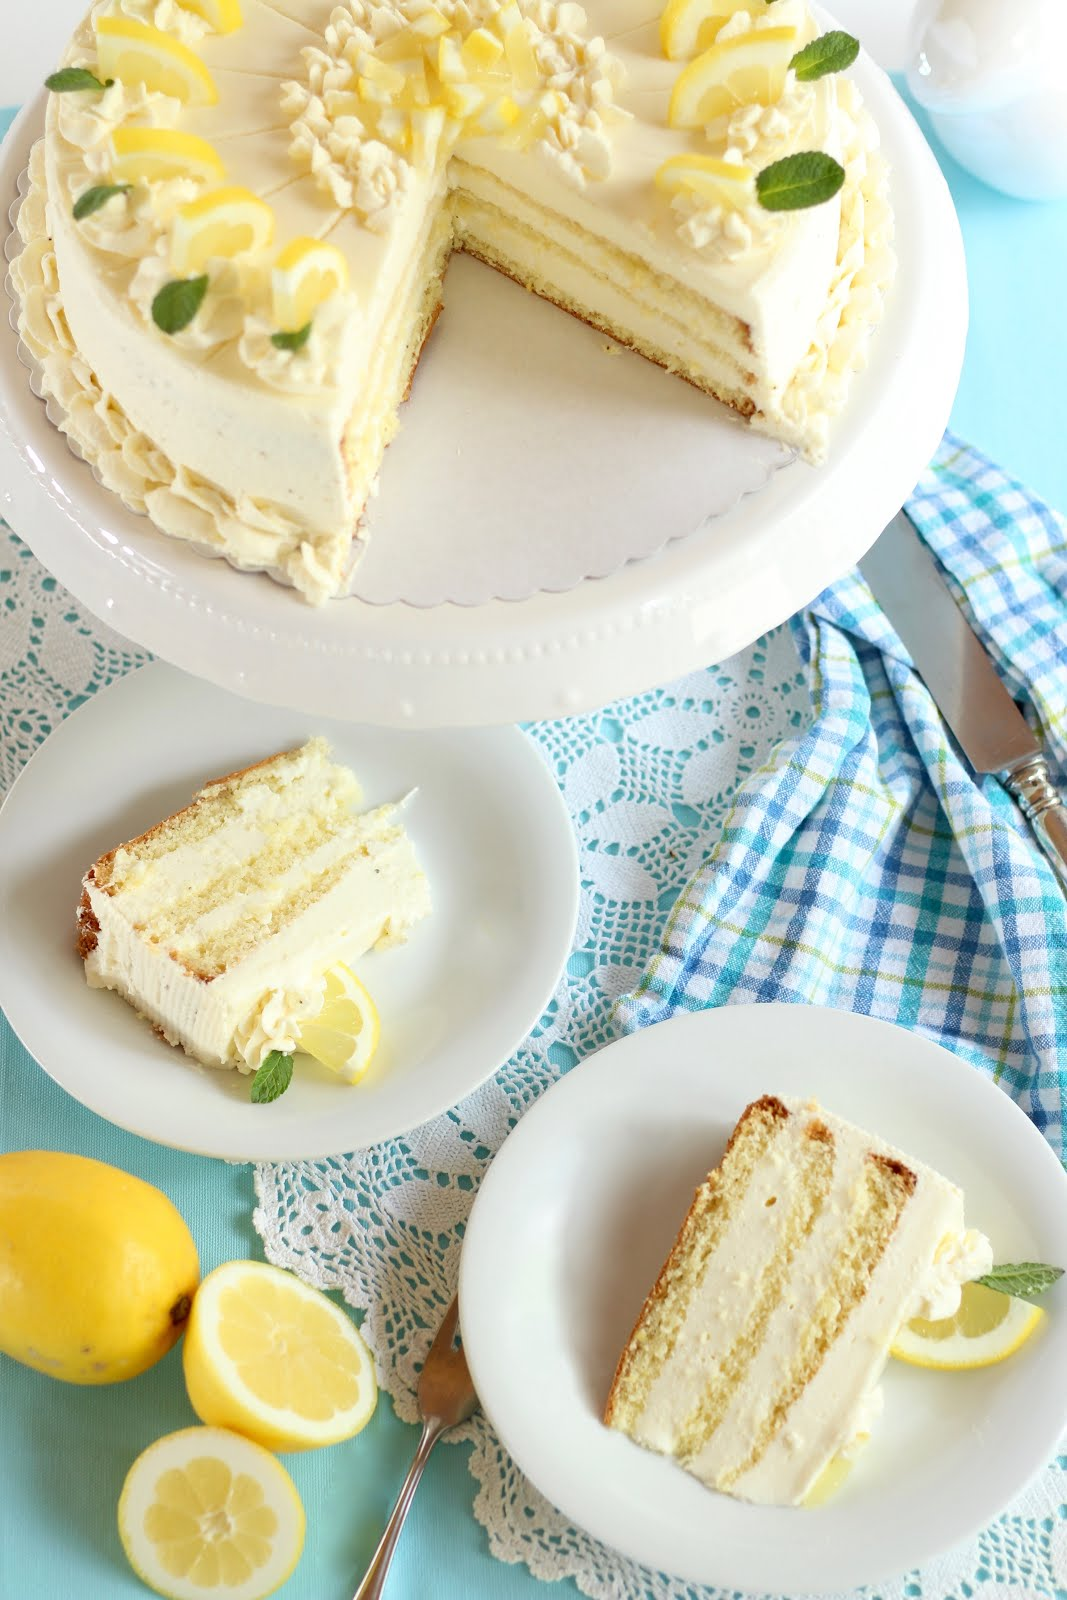 Zitronentorte mit köstlicher Buttermilch-Zitronensahnecreme/ Zitronen-Sahne-Traumtorte zu Ostern | Rezept und Video